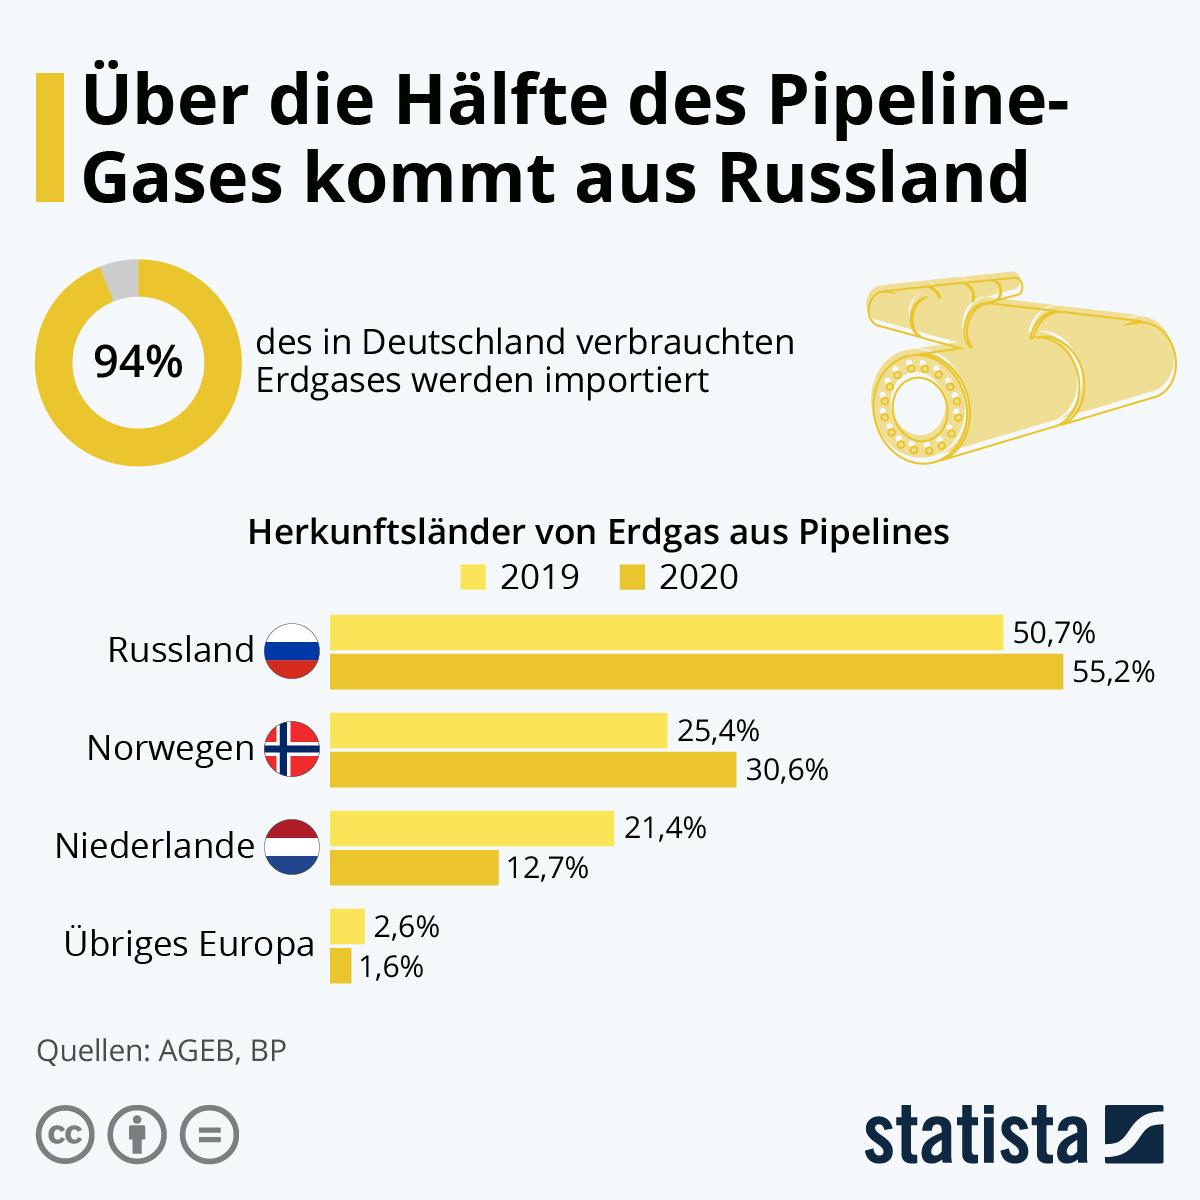 Die Hälfte des Pipeline-Gases kommt aus Russland | Statista